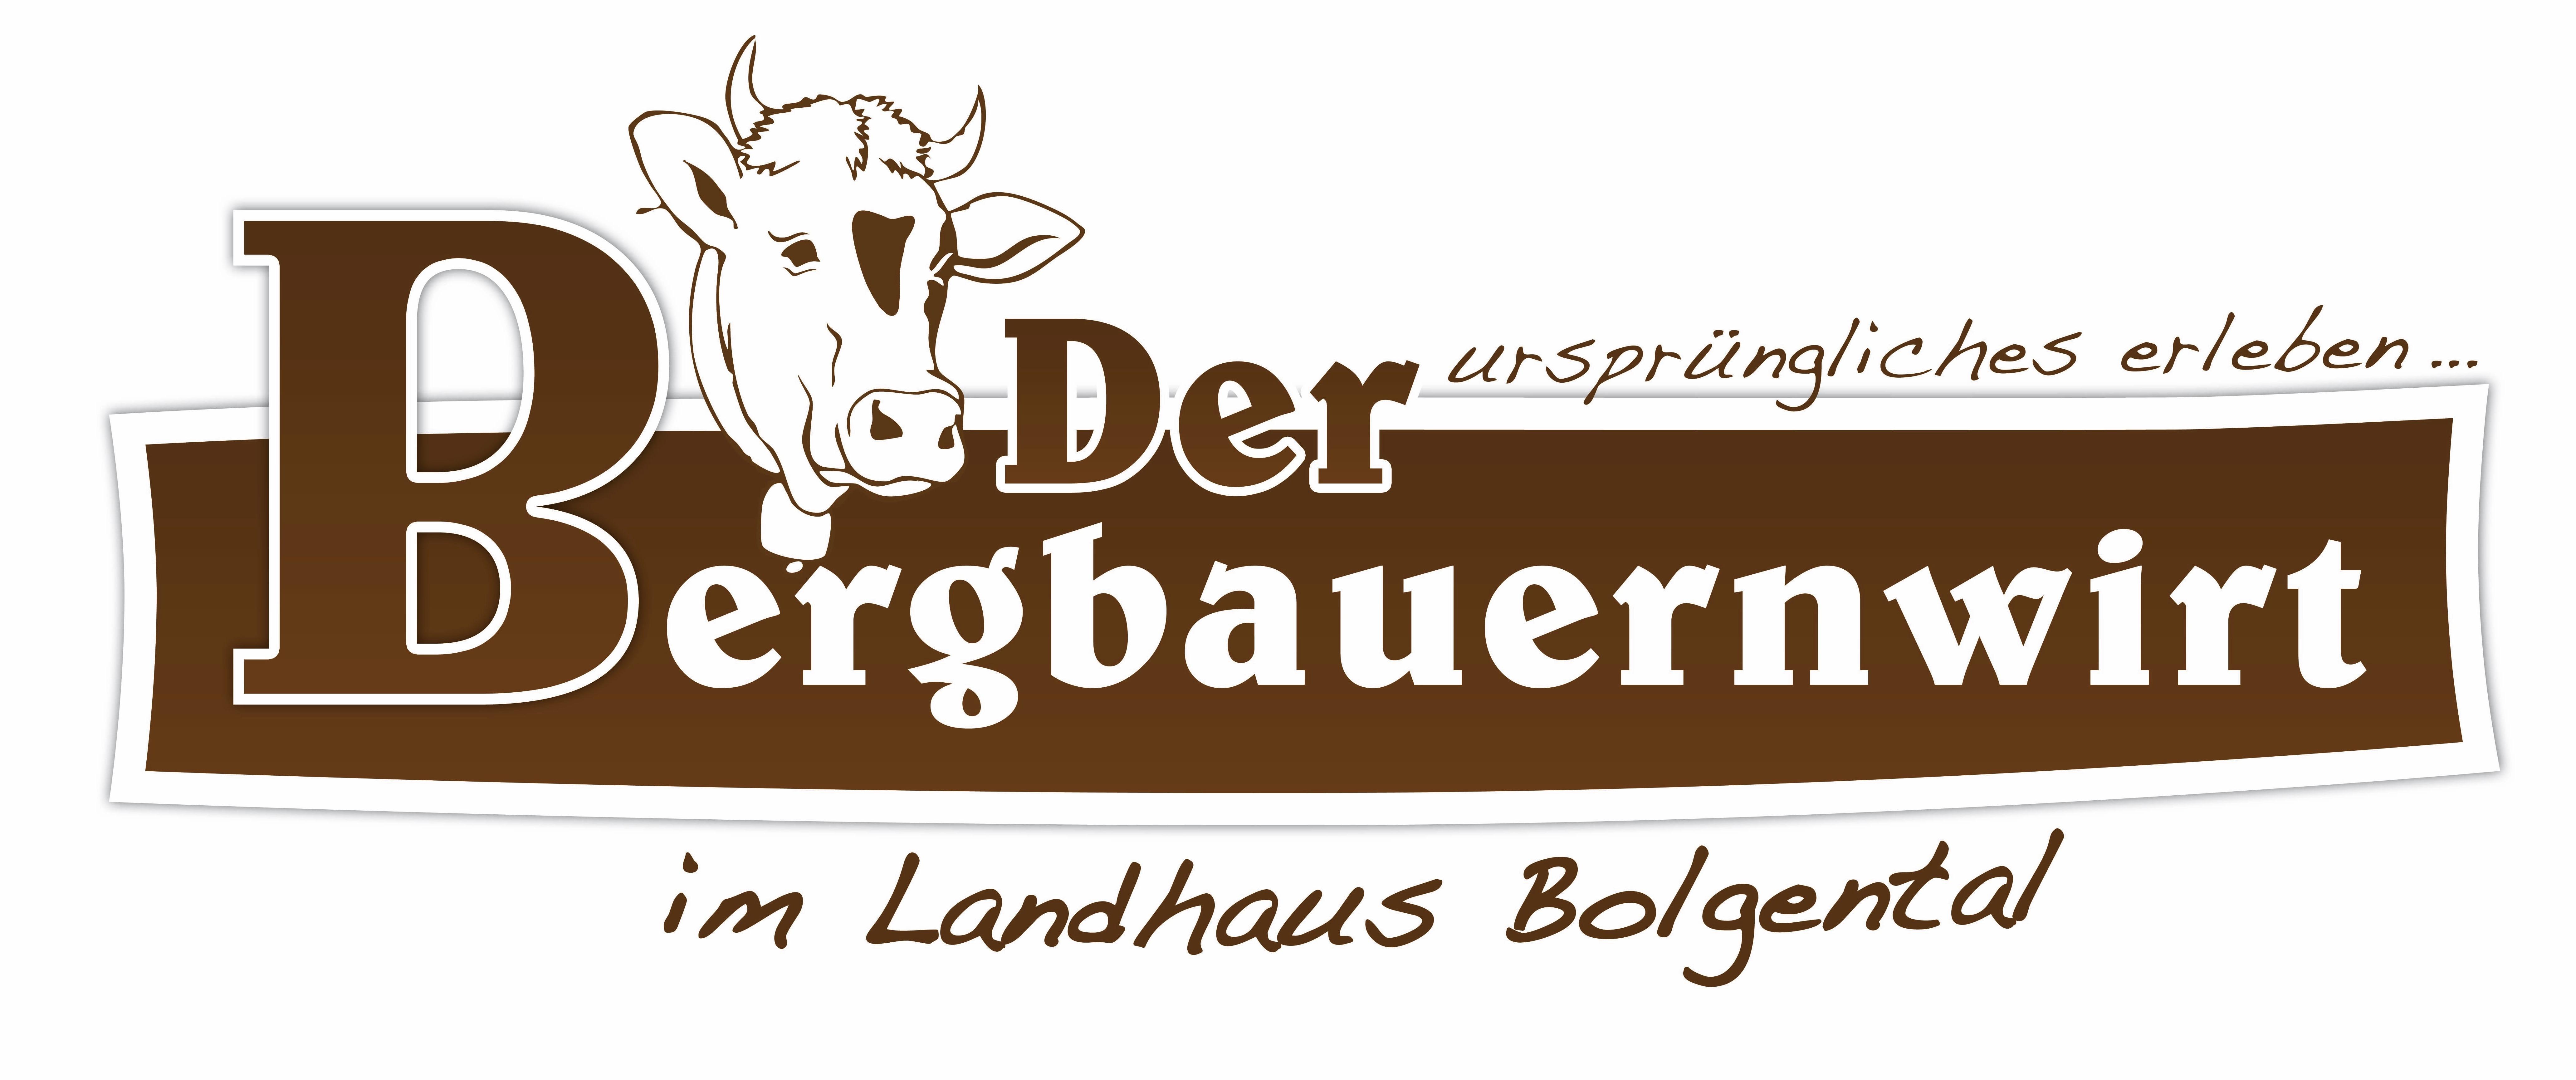 Bergbauernwirt im Landhaus Bolgental